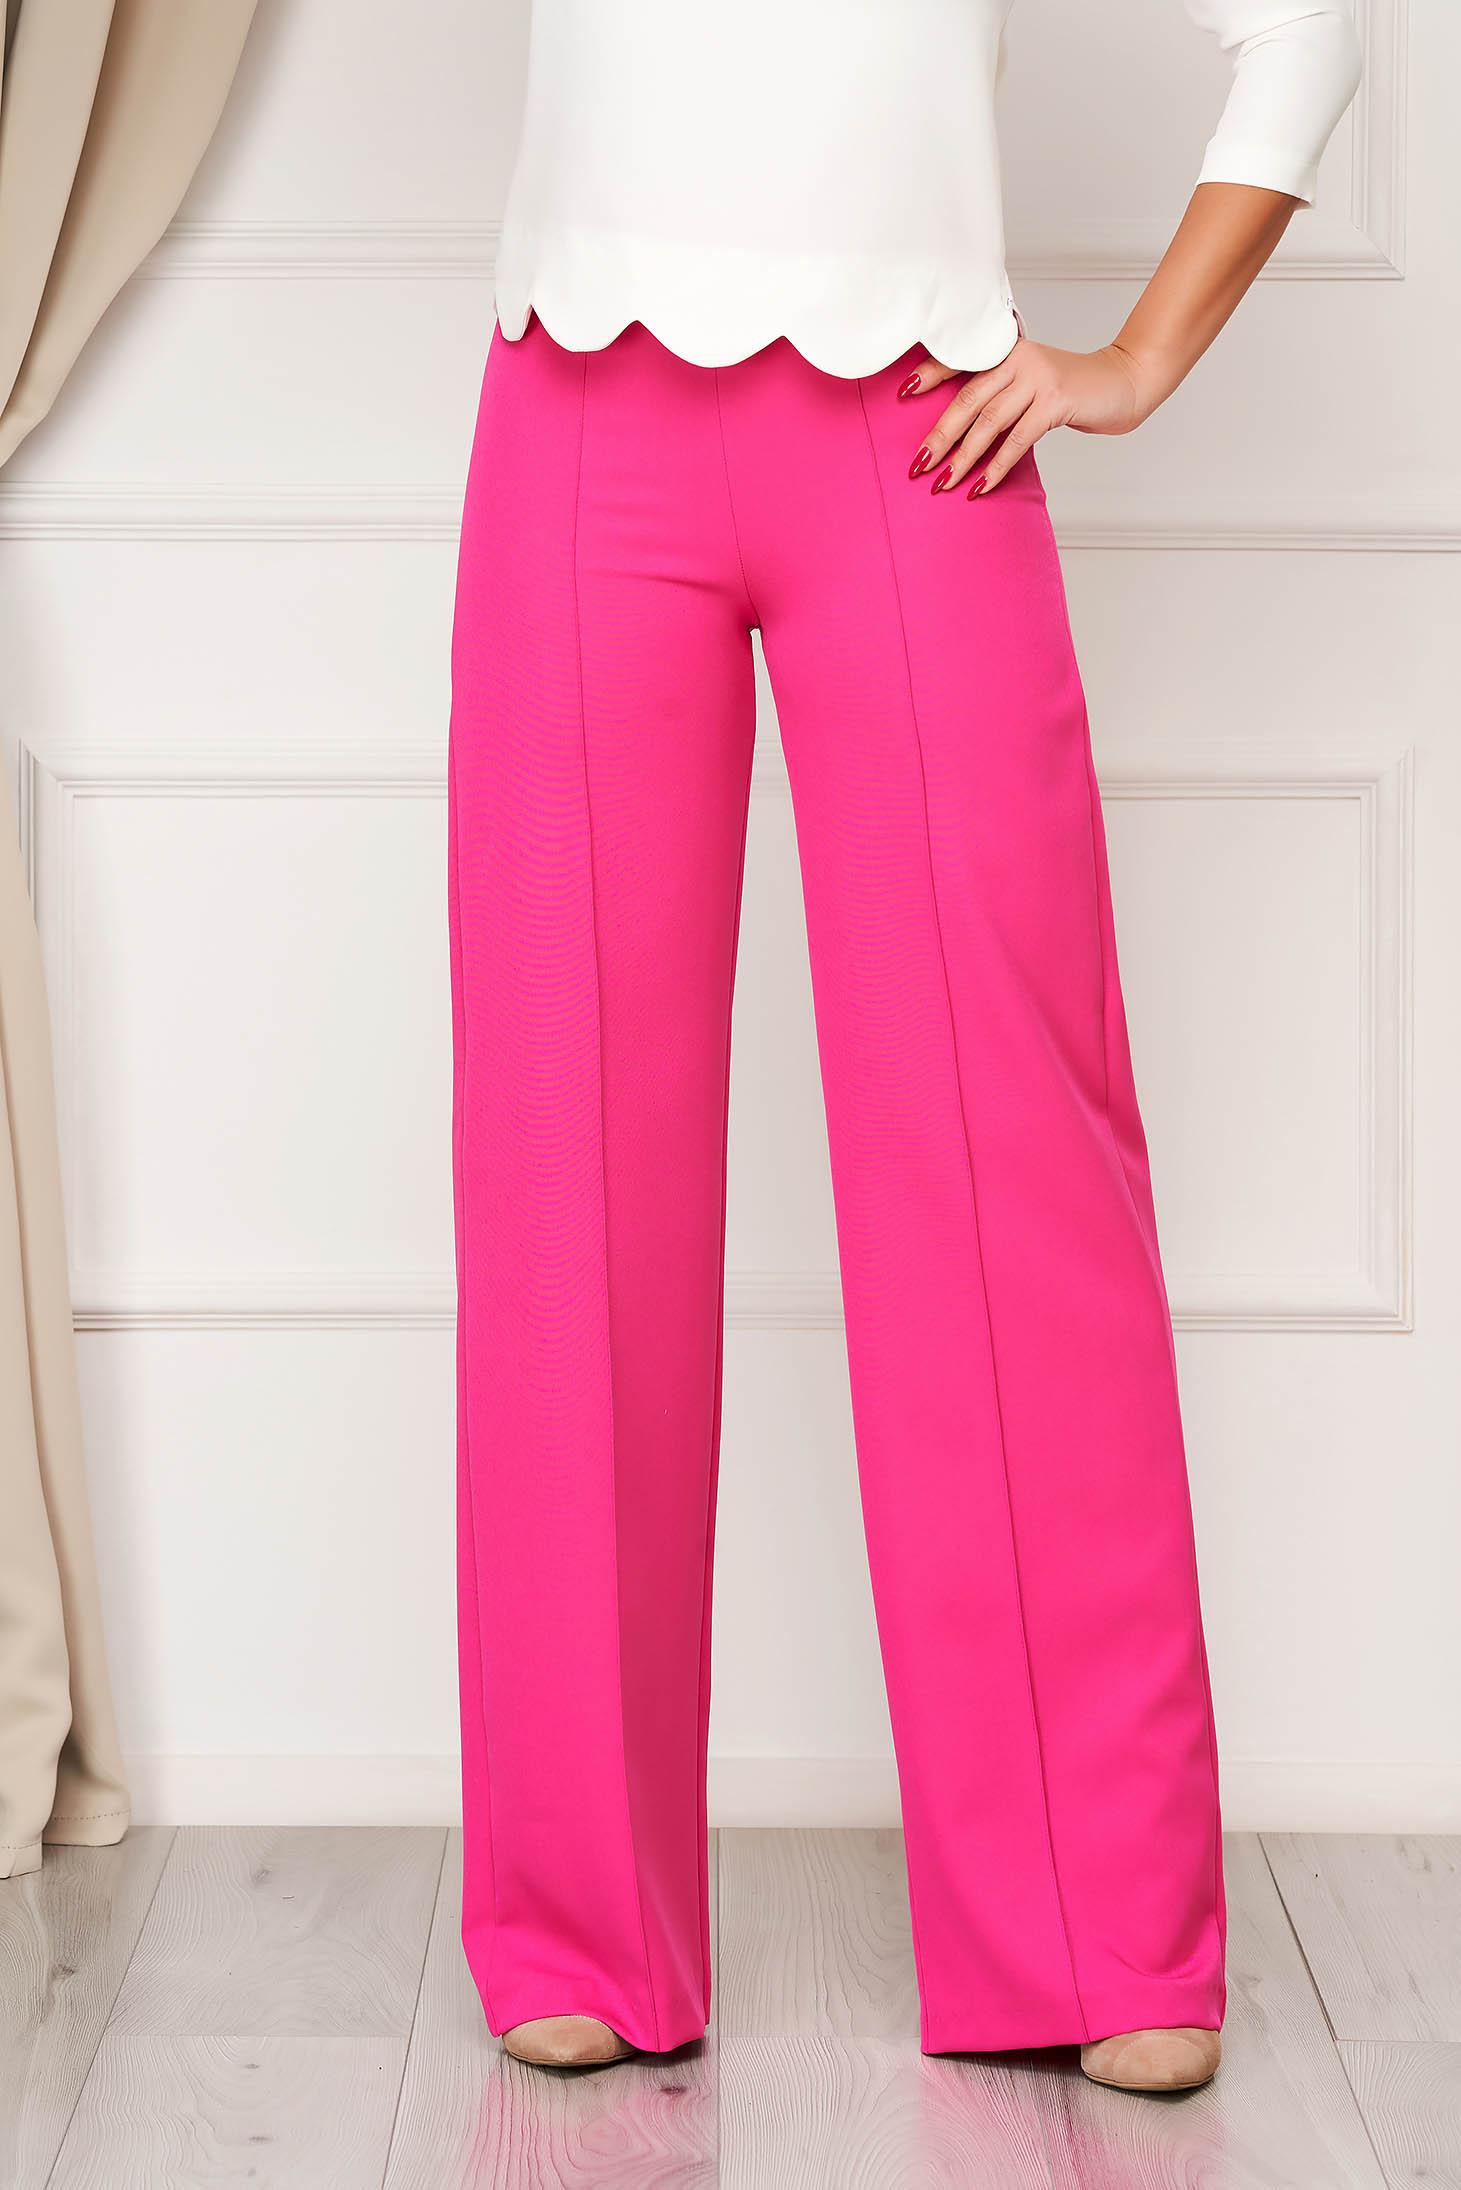 Fukszia StarShinerS elegáns hosszú bővülő nadrág rugalmas szövetből